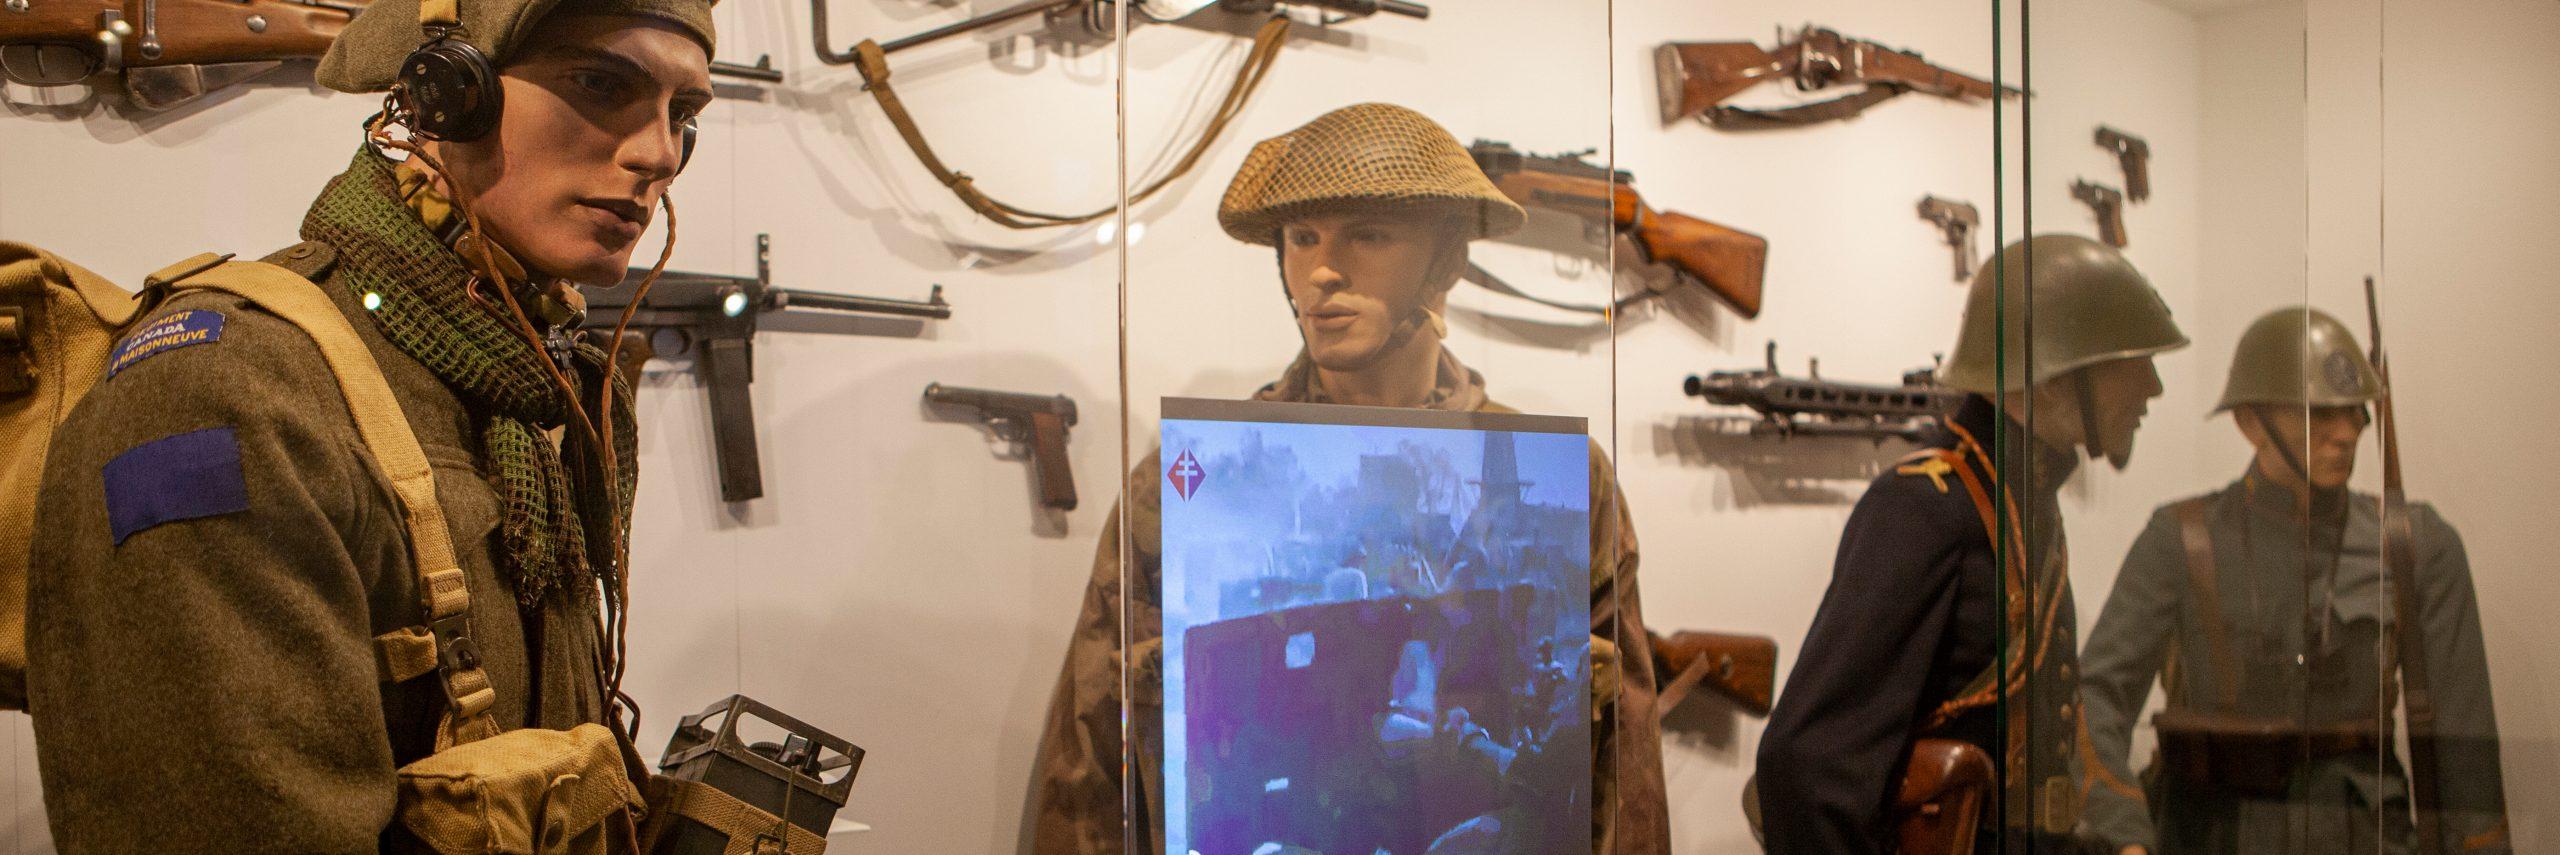 Slider 6 - Museum20201